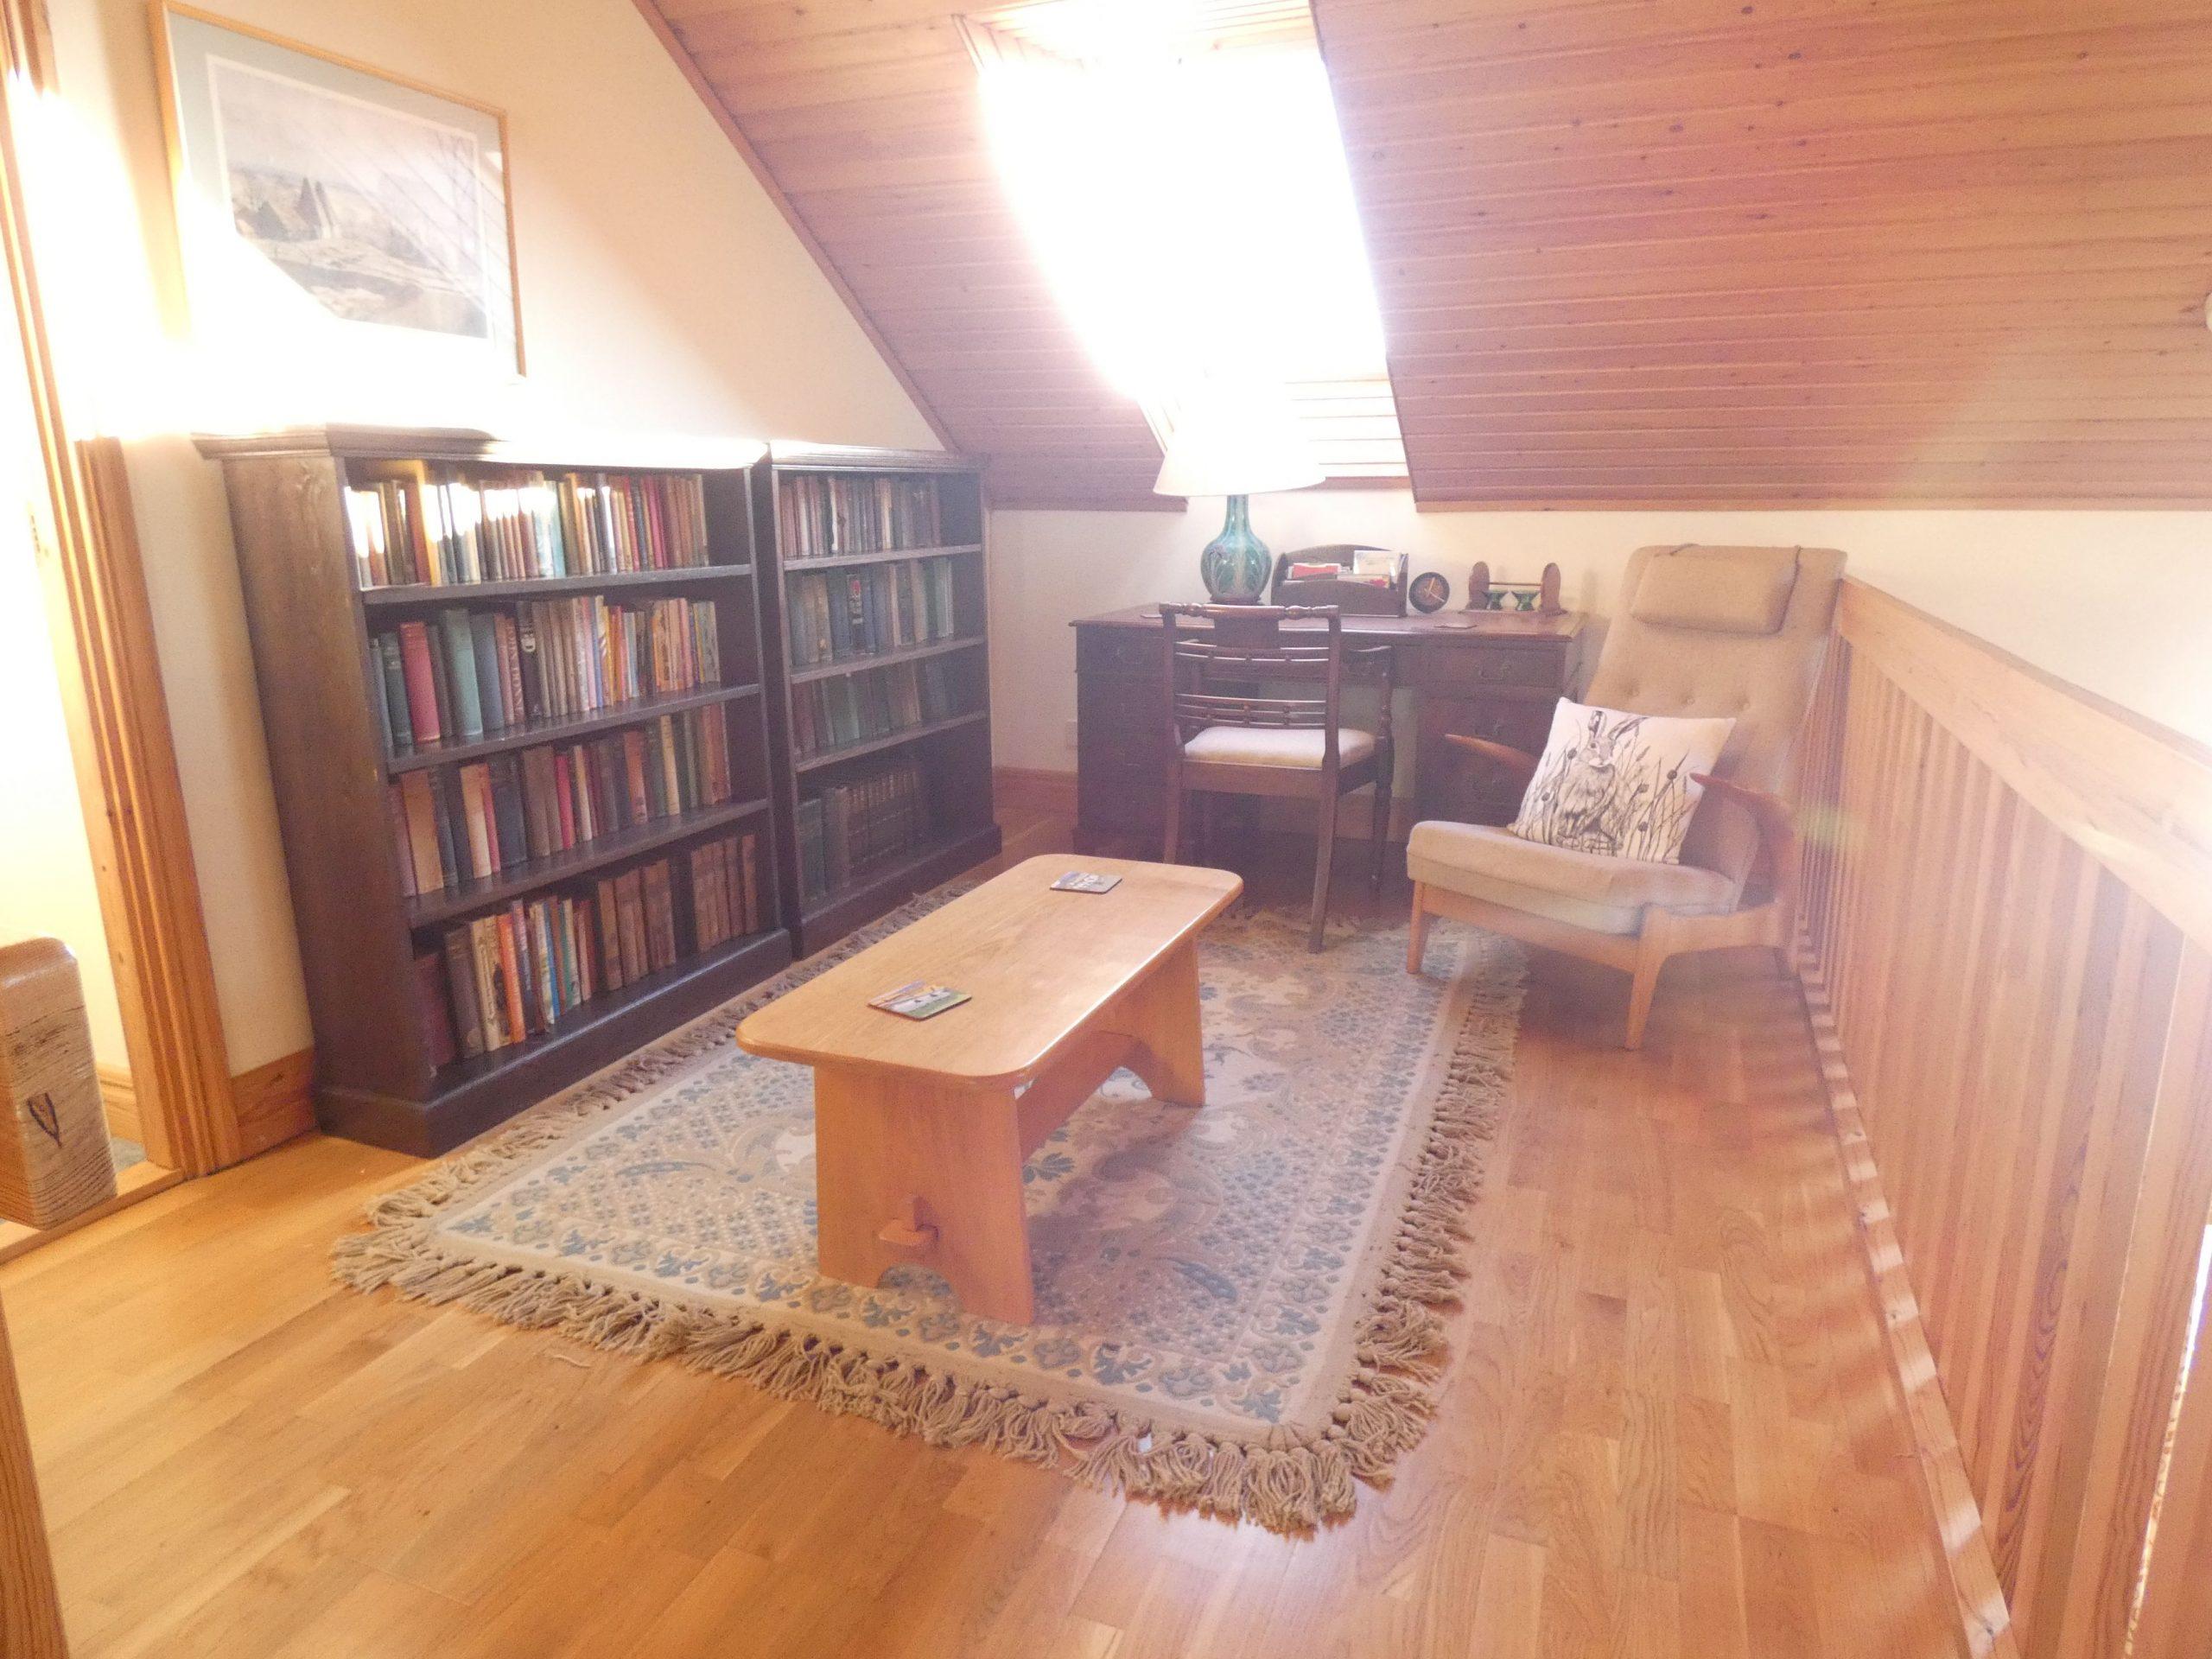 Balcony Study area